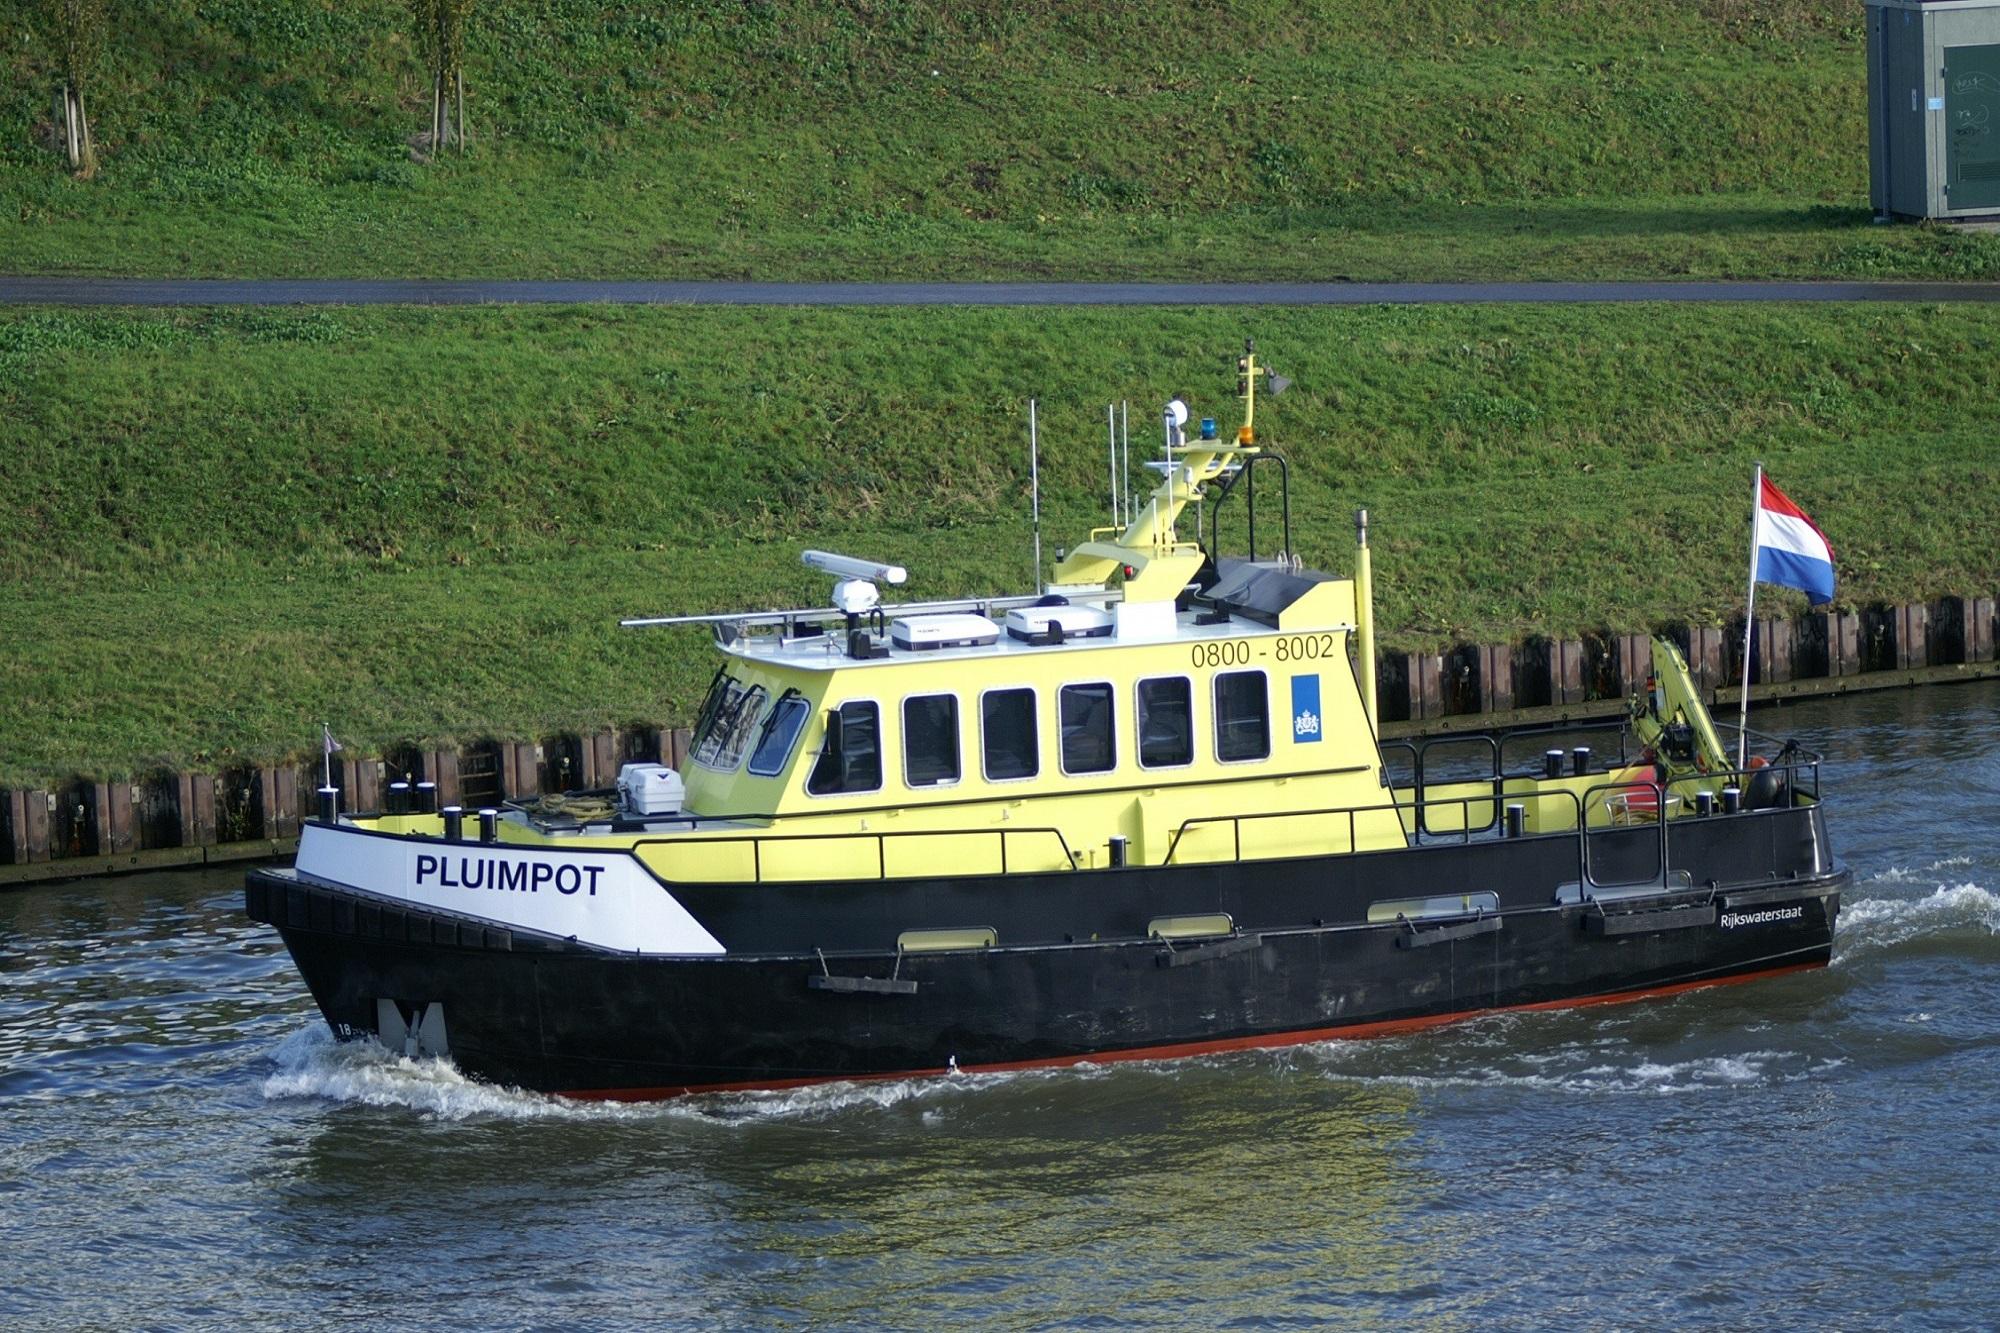 de-pluimpot-rijkswaterstaat_tcm21-300395